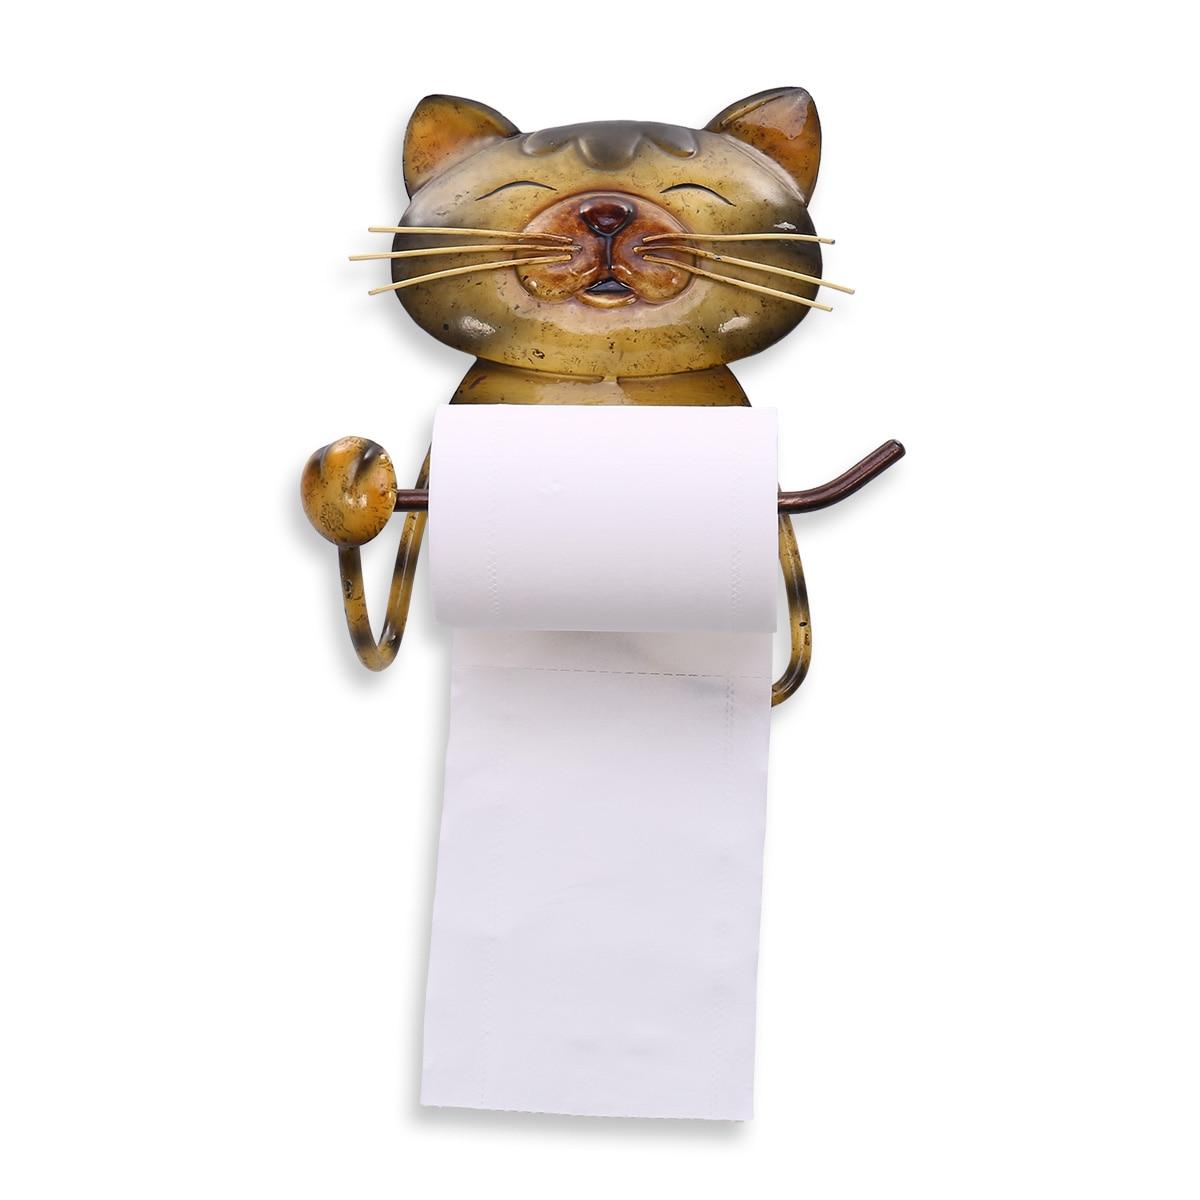 Herzhaft Katze Bad Papier Handtuch Halter Vintage Gusseisen Hund Wc Papier Halter Stehen Handtuch Halter Stehen Für Bad In Verschiedenen AusfüHrungen Und Spezifikationen FüR Ihre Auswahl ErhäLtlich